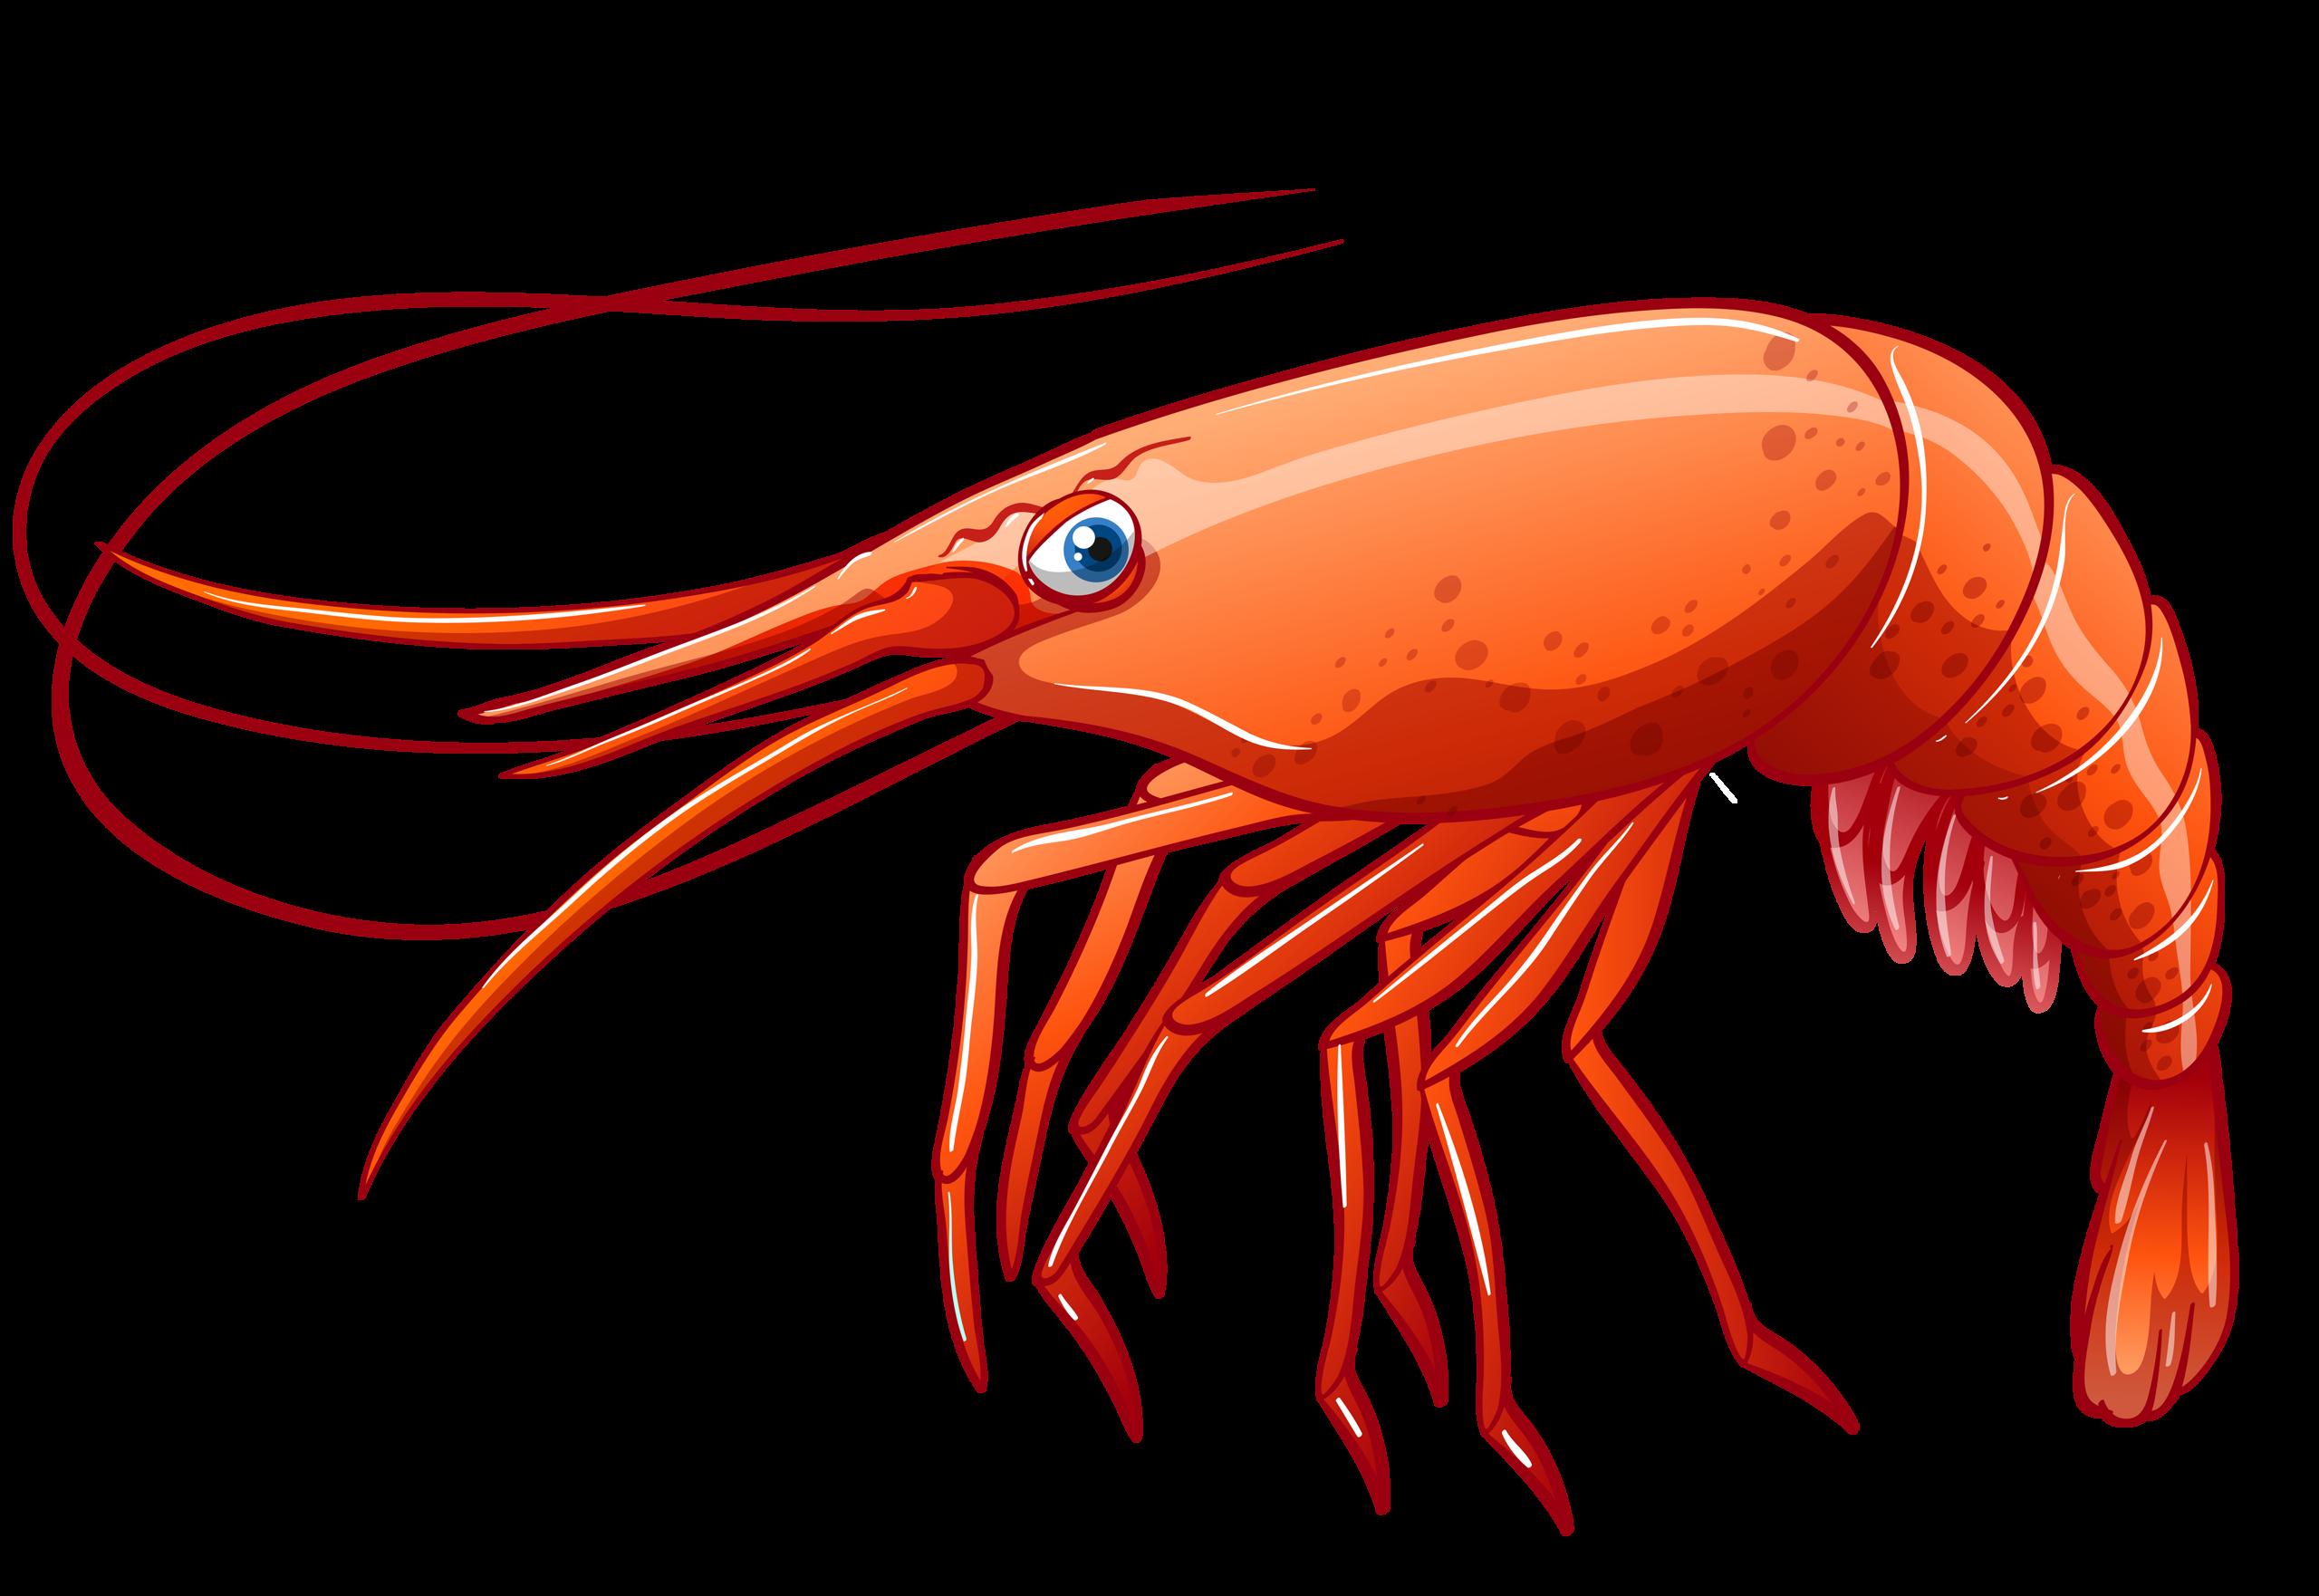 jpg free stock seafood clipart dancing shrimp #82969091